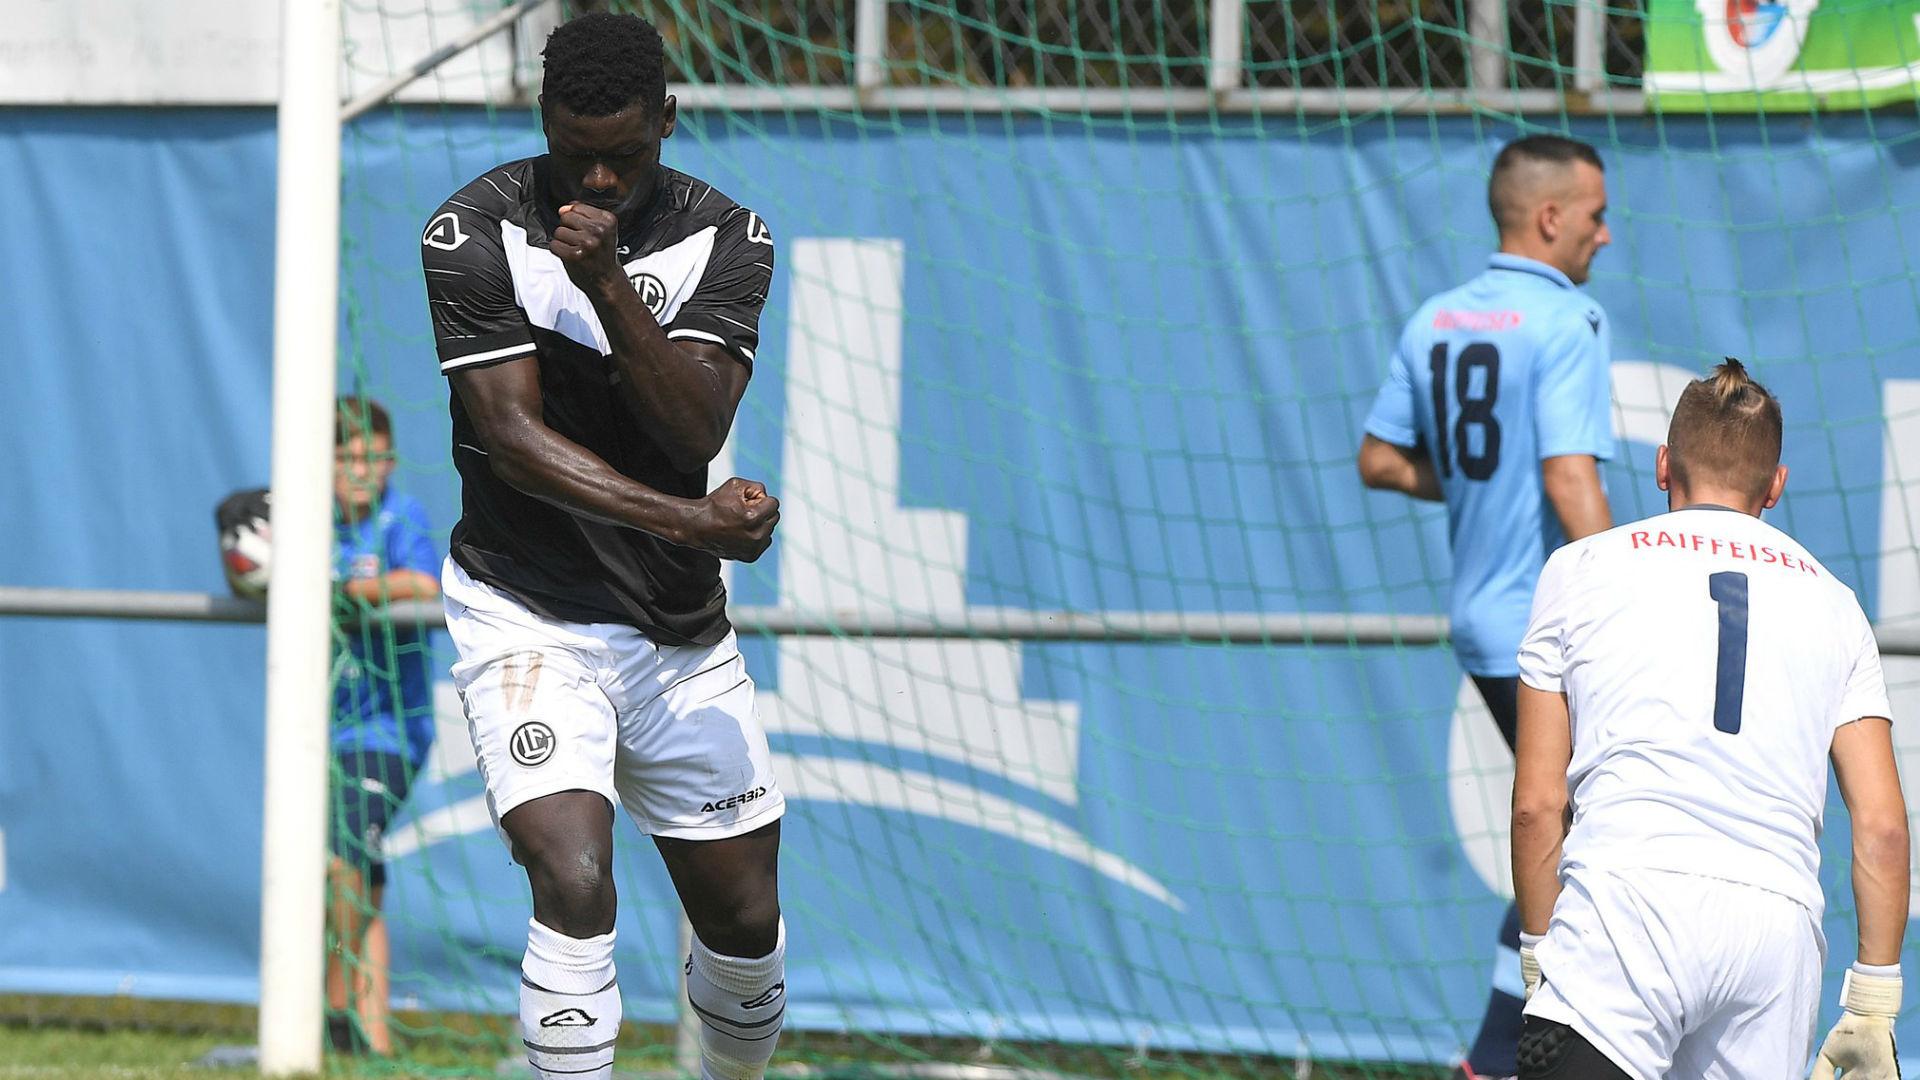 Sasere breaks Lugano duck in 9-0 obliteration of AC Sementina